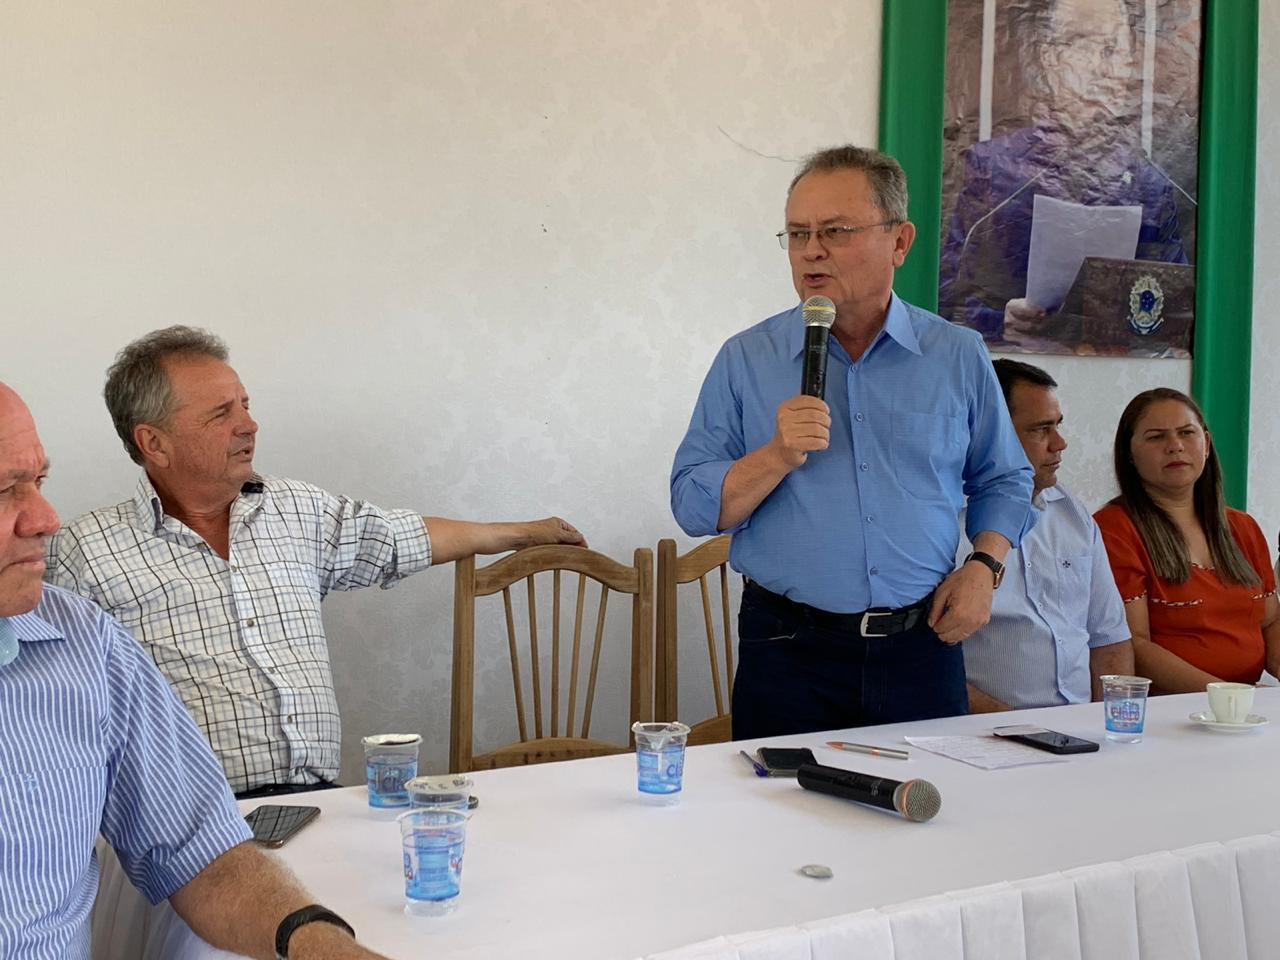 Foto de Senador Zequinha Marinho participa de reunião com lideranças políticas em Xinguara, mas não deixa claro se o PSC terá candidato a prefeito em 2020